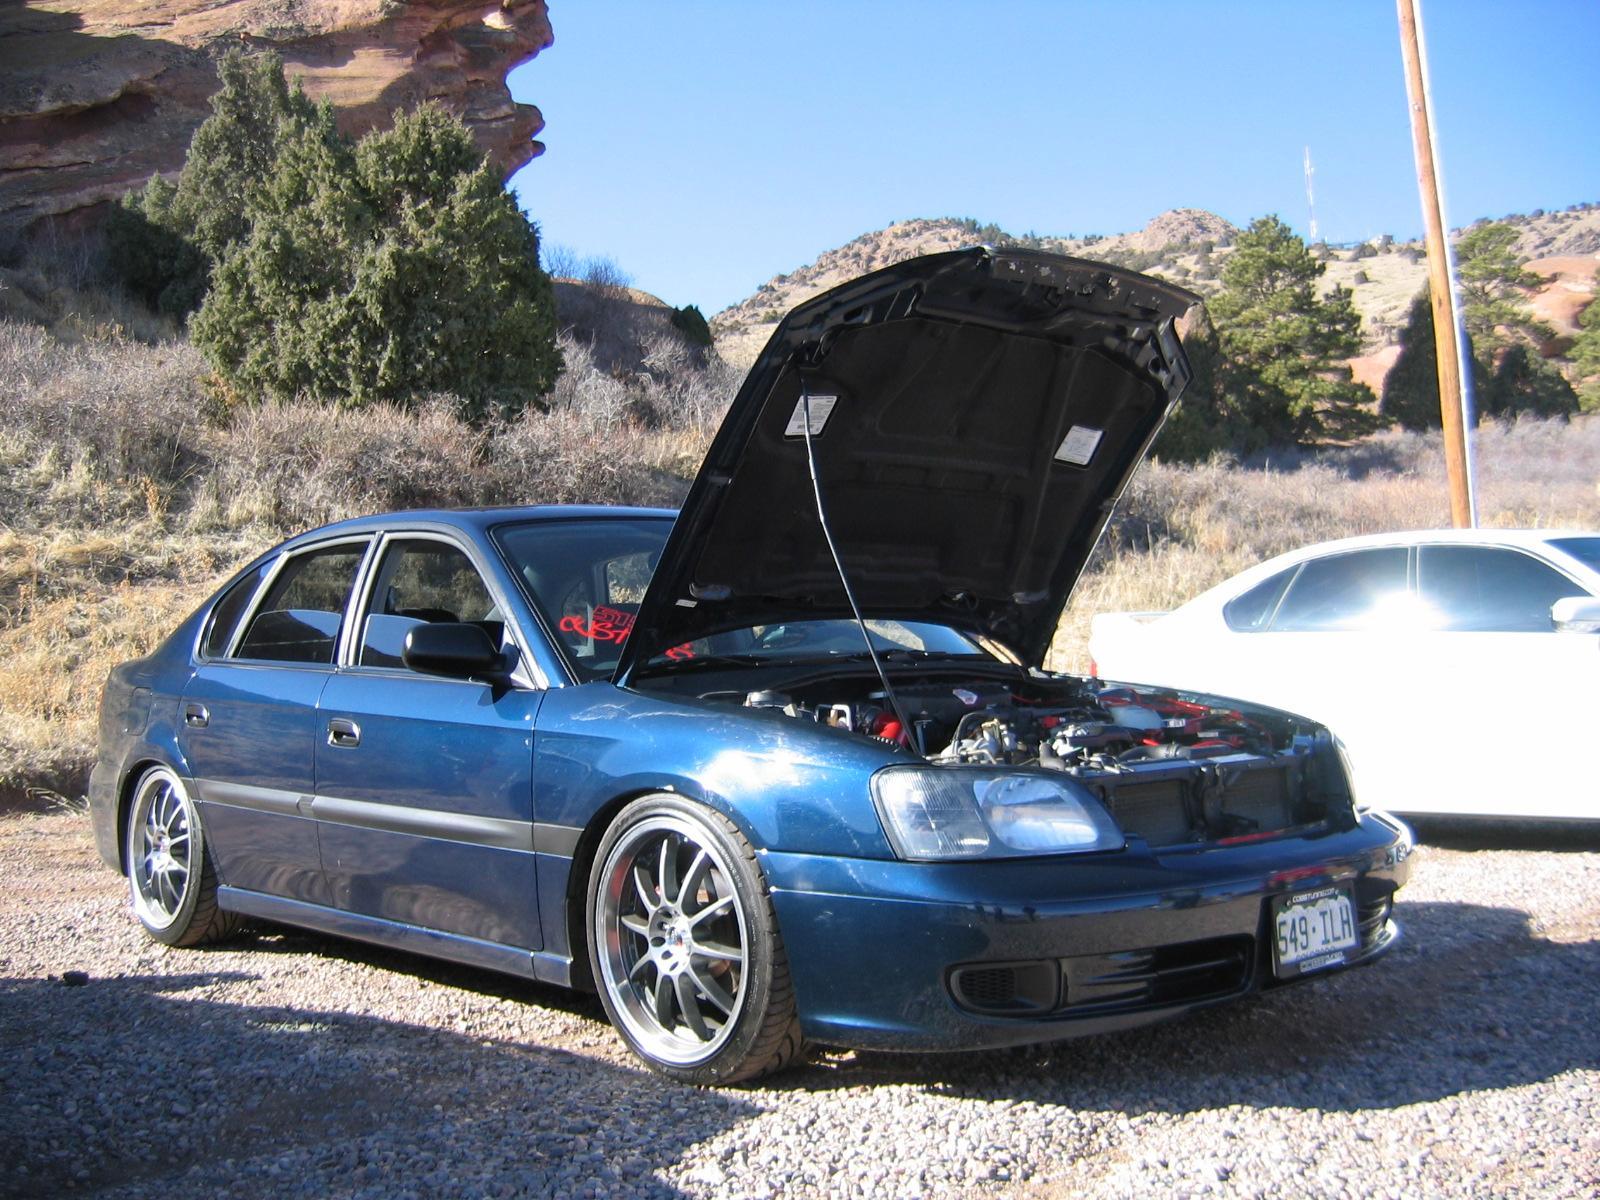 2002 Subaru Legacy L Dyno Sheet Details Dragtimes Com